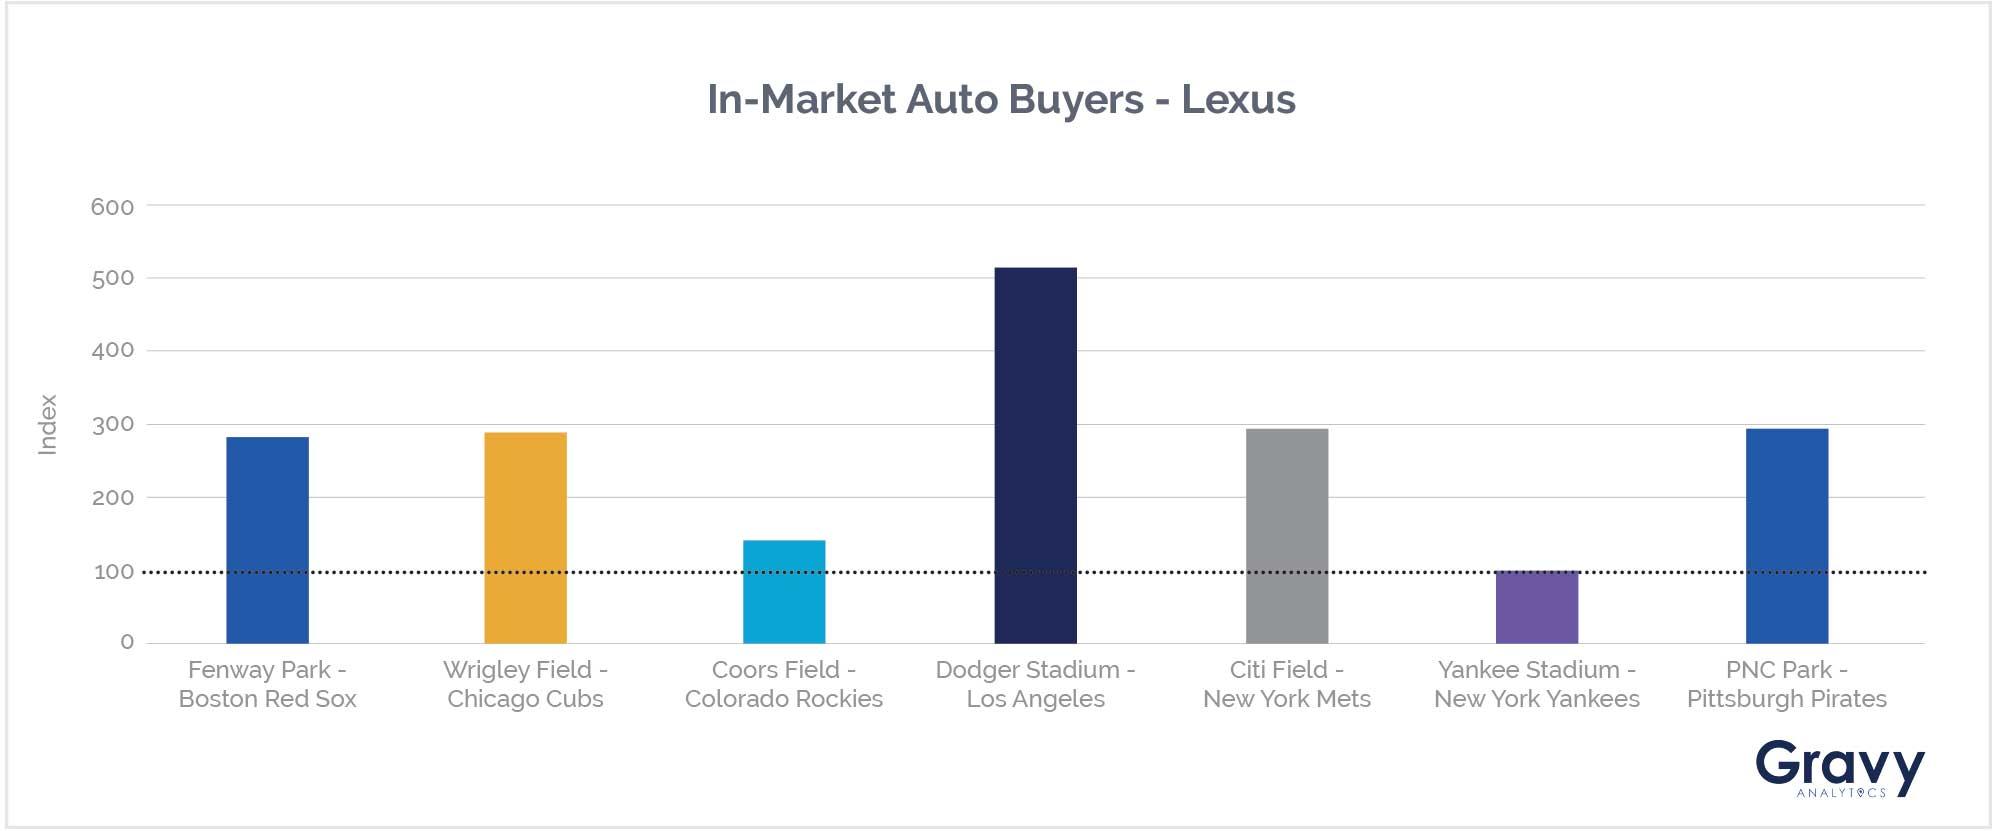 In-Market Auto Buyers - Lexus Chart